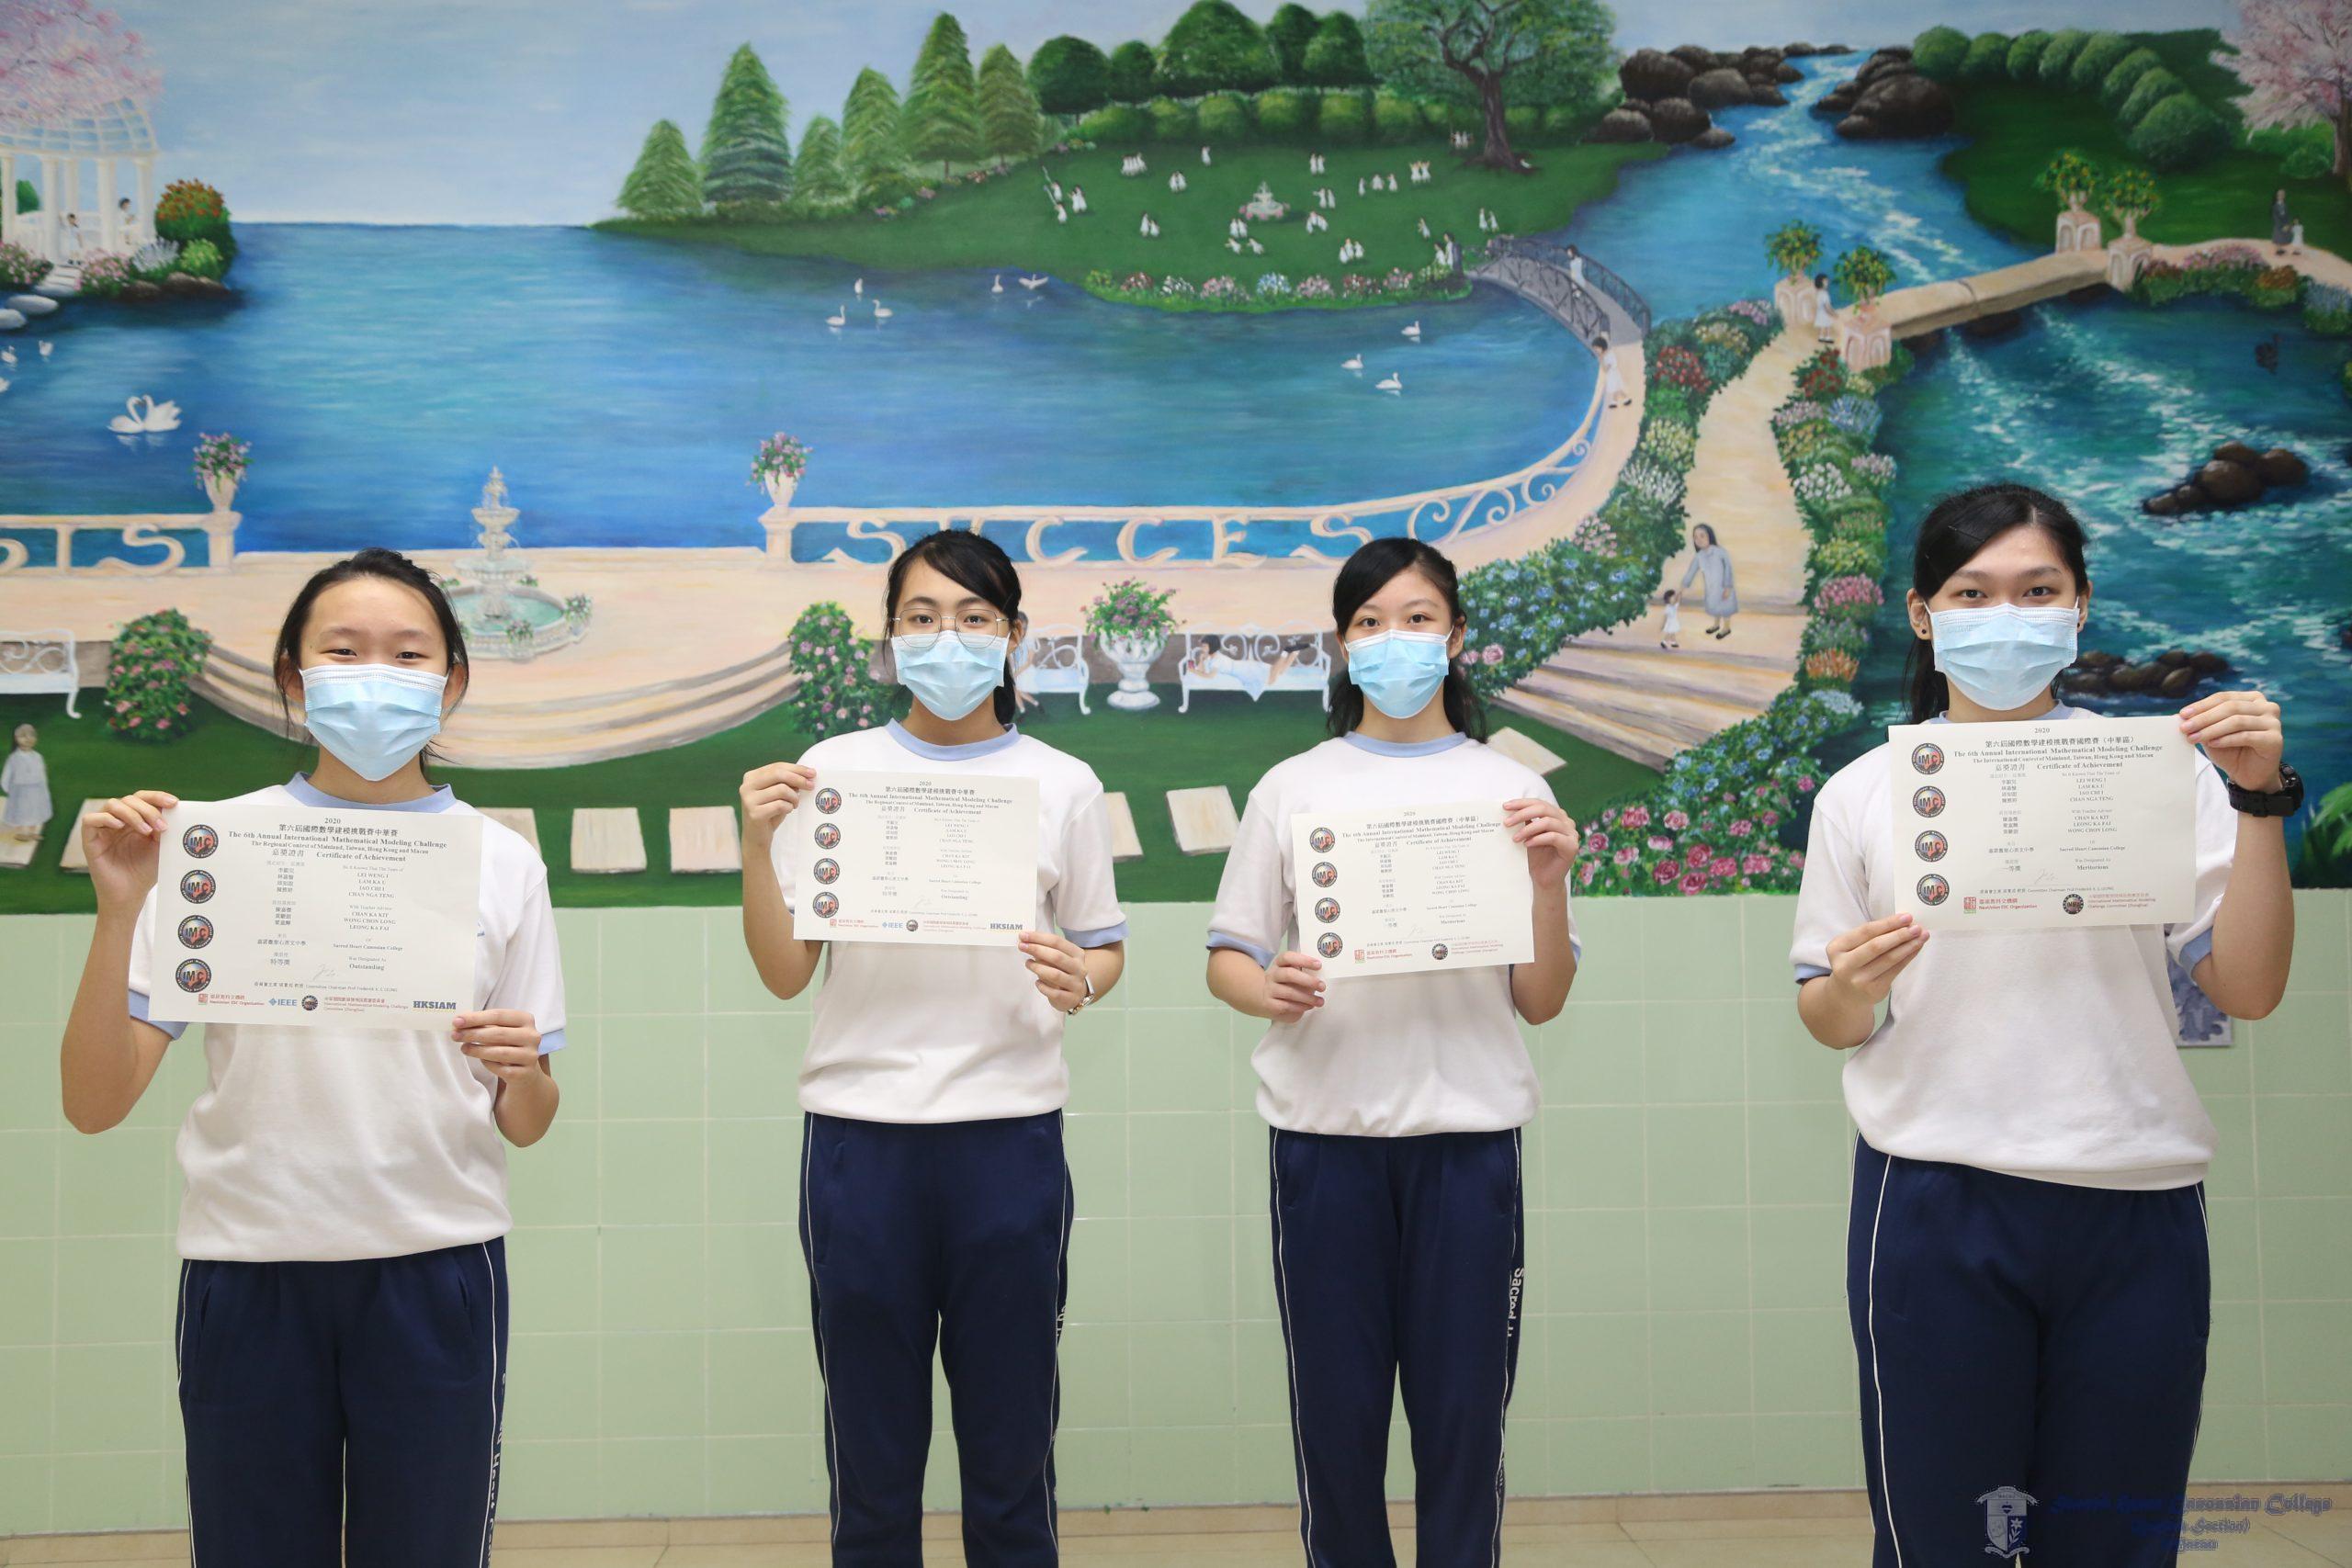 中華賽特等獎隊伍合照 Miffy Lei (Form 5A), Ivana Lam (Form 5A), Ada Iao (Form 5A), Louisa Chan (Form 5A)